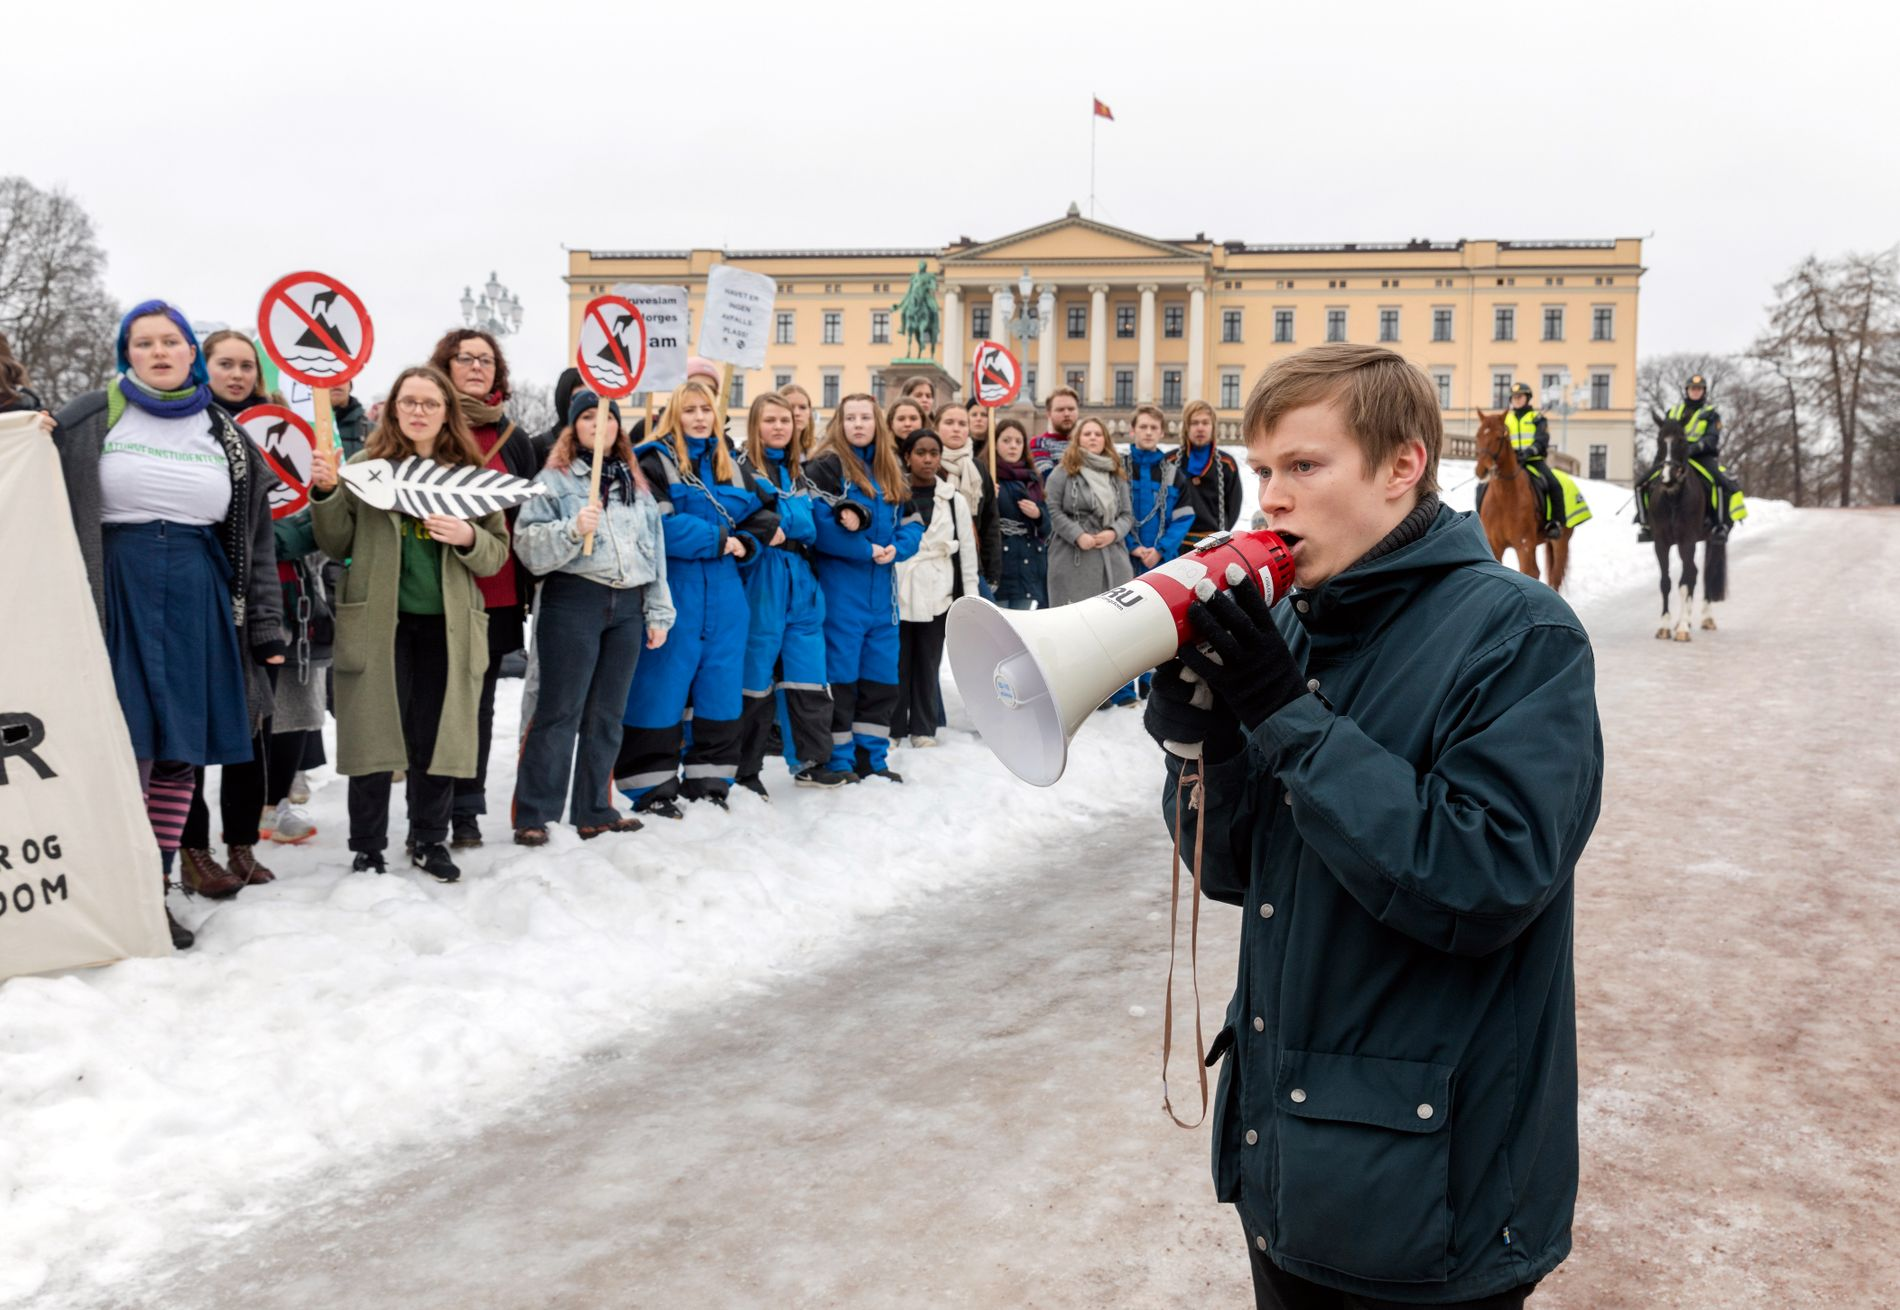 NU-LEDEREN: Gaute Eiterjord er leder for Natur og ungdom. Her under en aksjon mot gruvedumping i Repparfjord foran slottet i Oslo i februar.